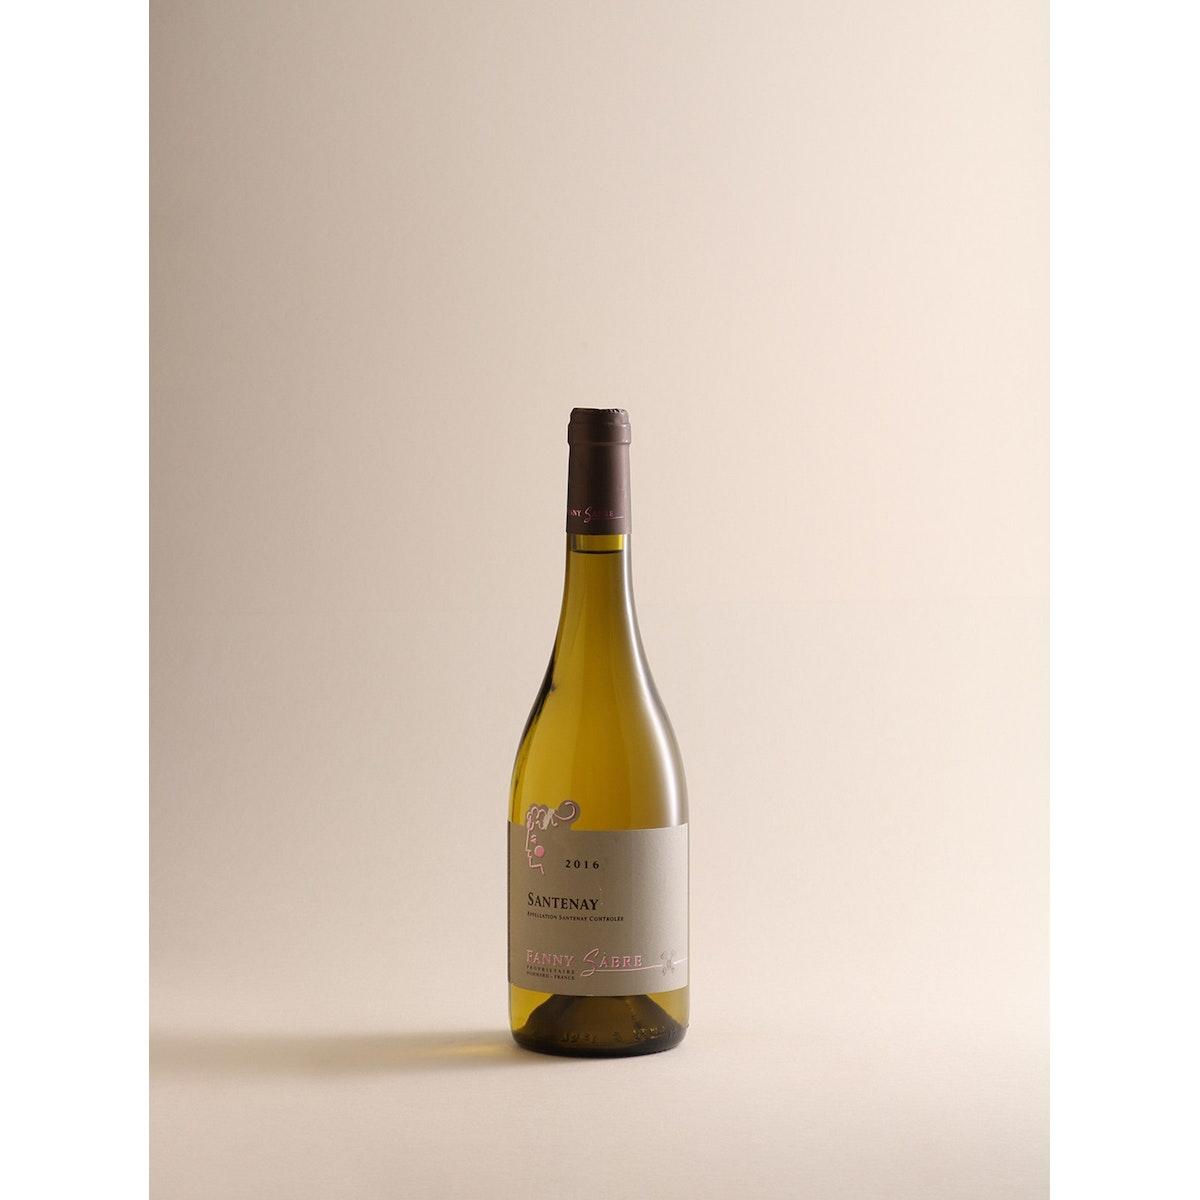 Santenay 1er Cru Blanc